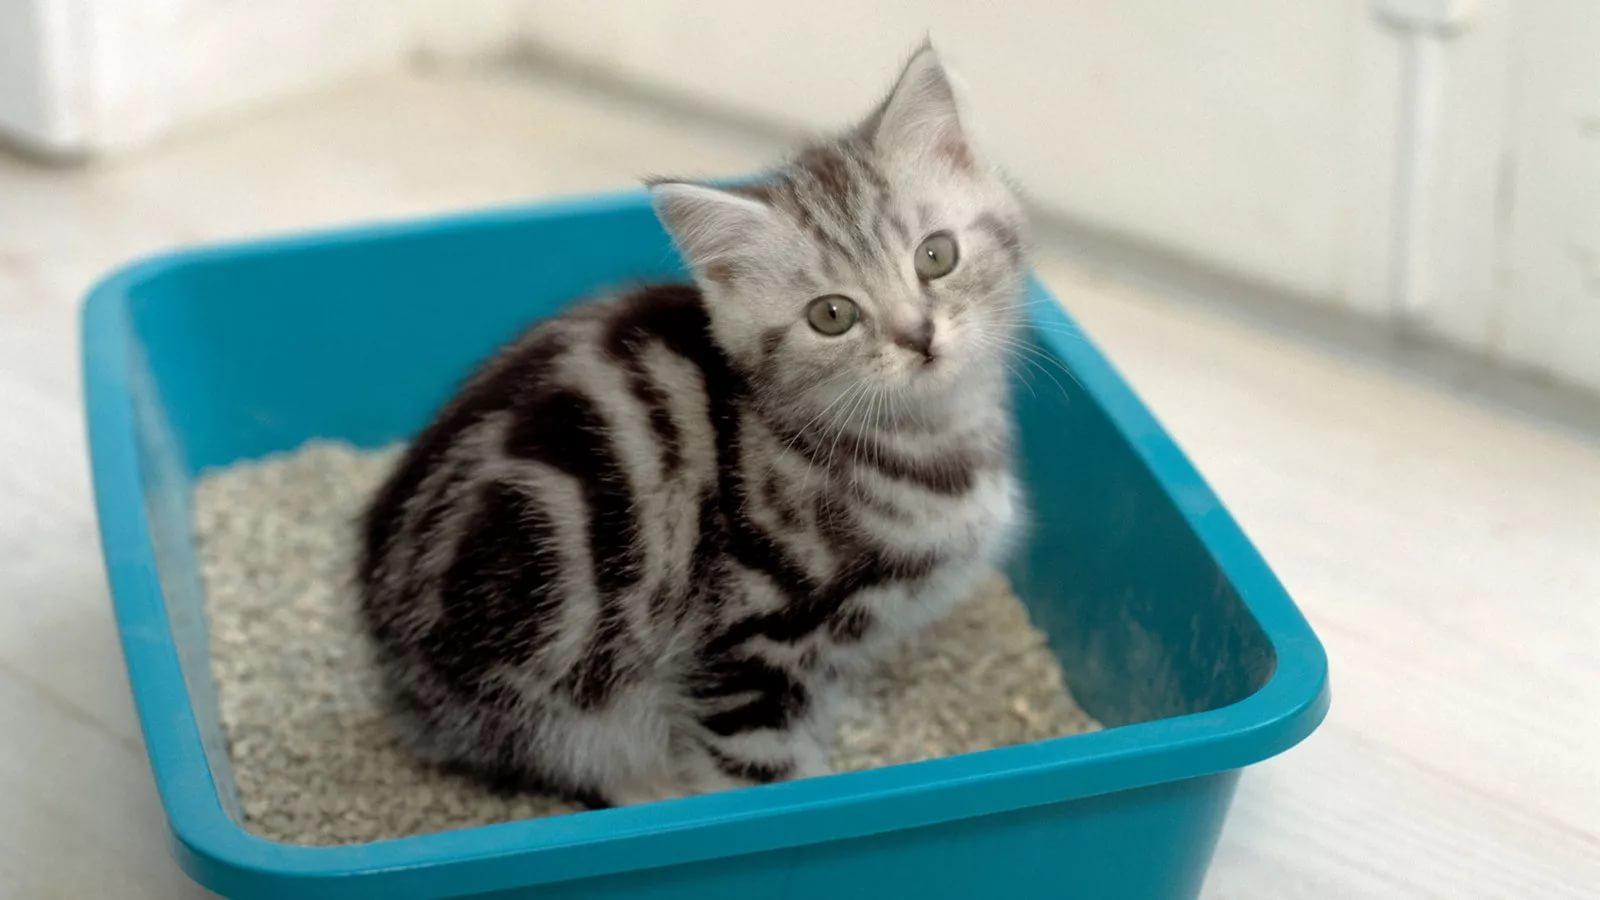 Наполнитель для кошачьего туалета (60 фото): какой наполнитель для кошек, котят и котов лучше выбрать? Виды и рейтинг наполнителей 2019, отзывы